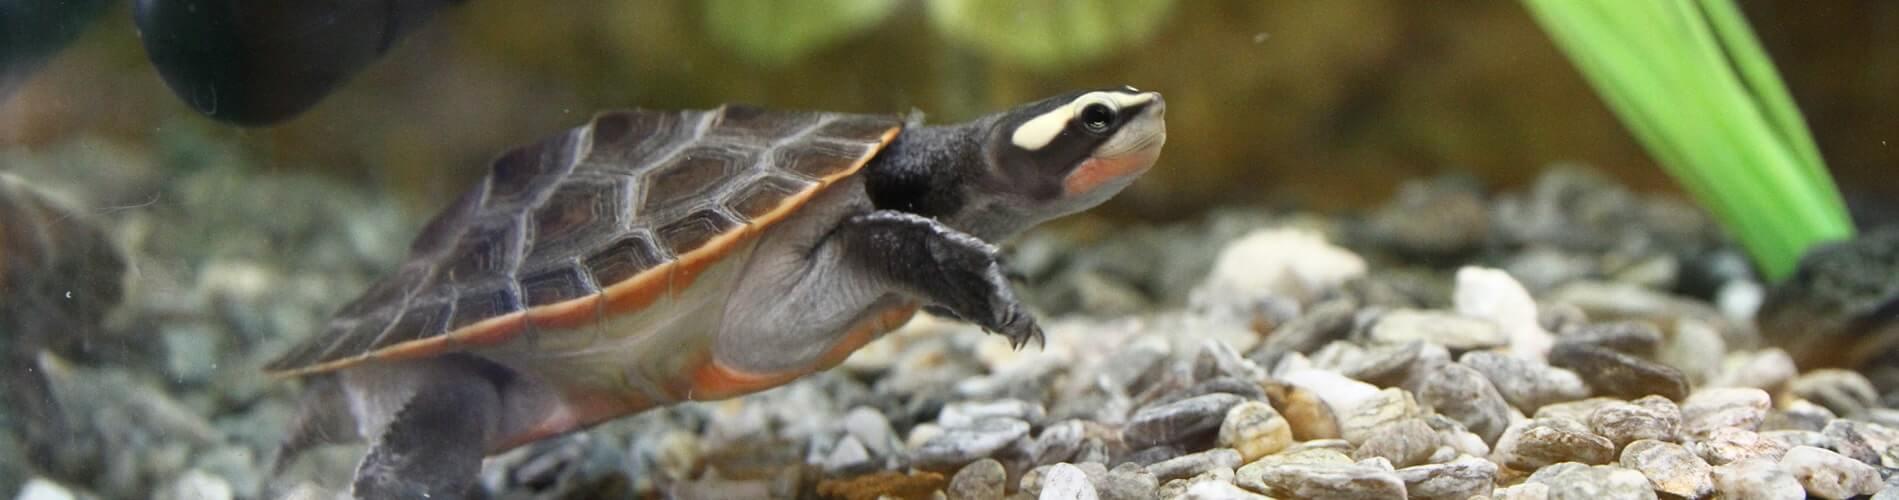 Turtle care guide